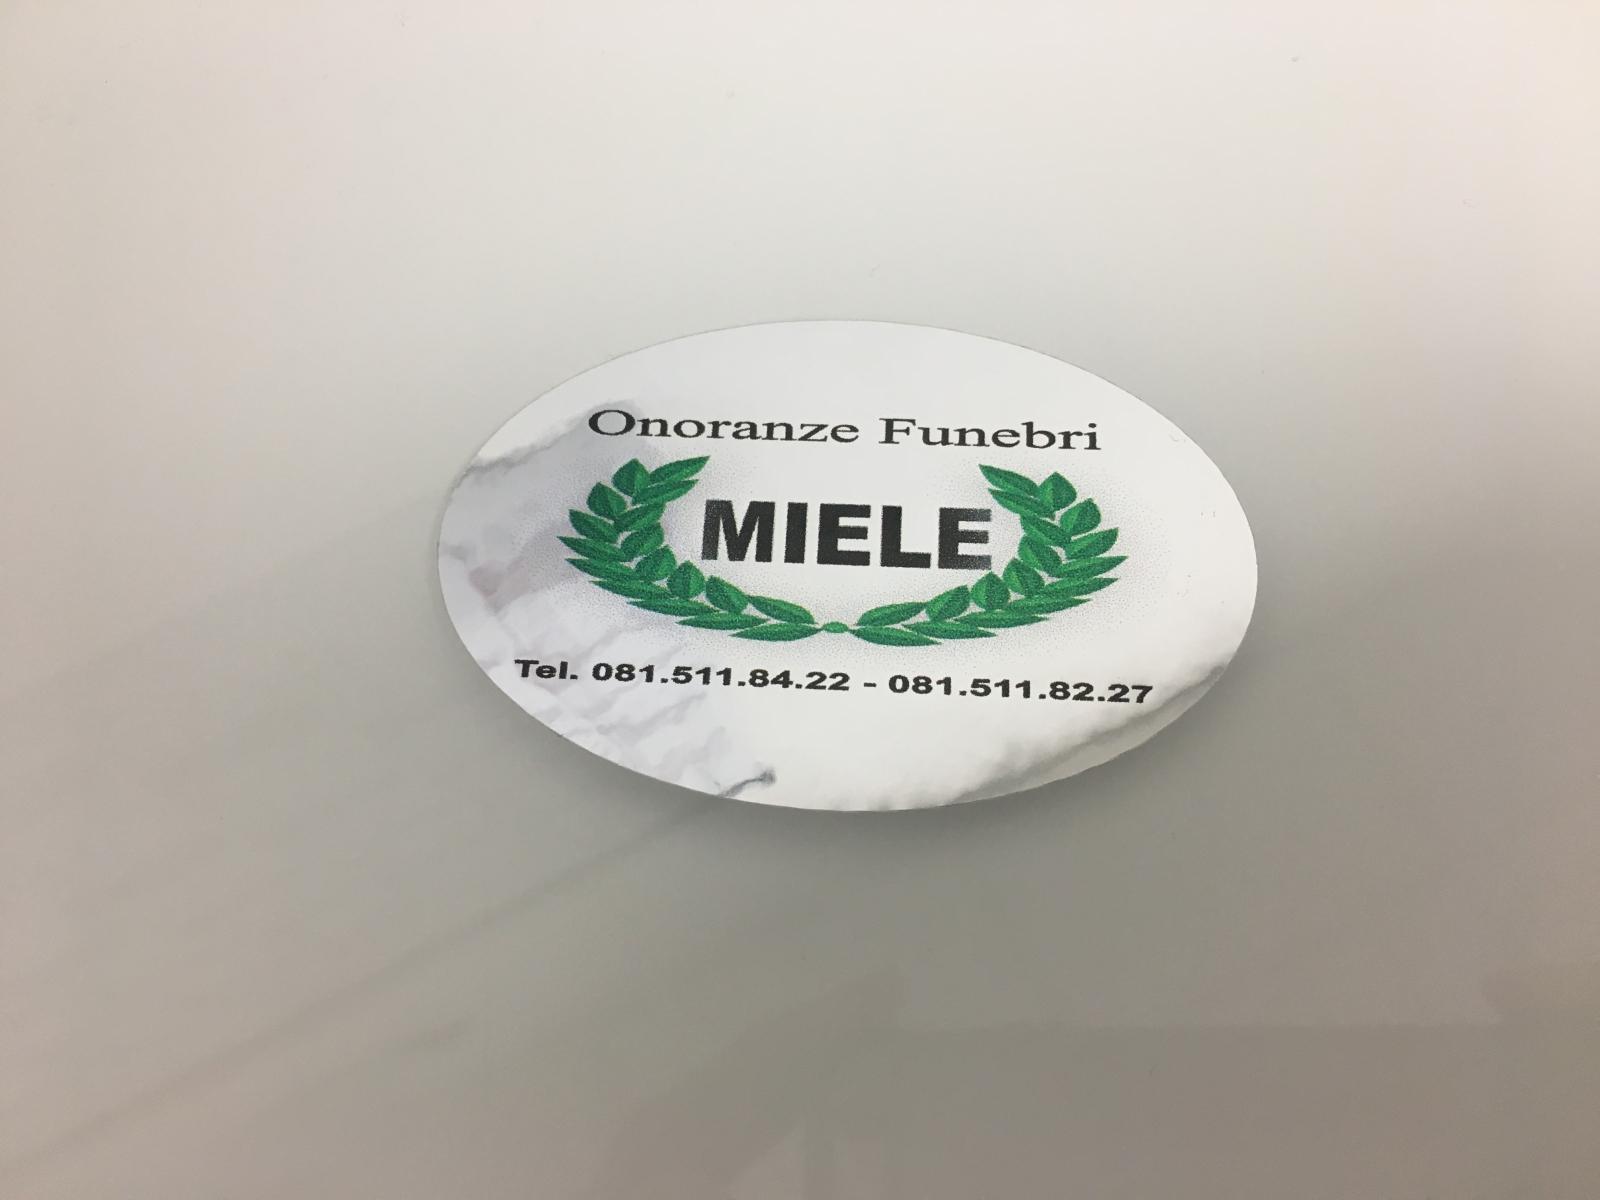 Etichette Adesive Cromate Ovali per onorante funebri, adesivi metallizzati